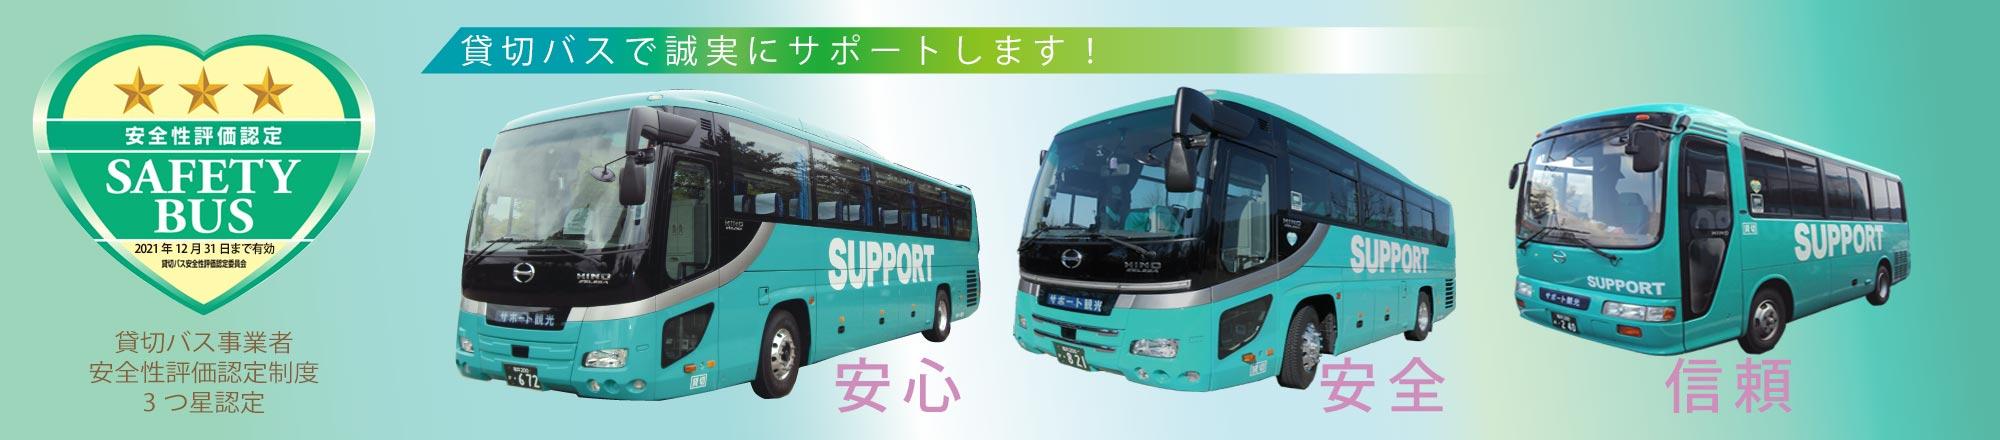 サポート観光は貸切バスで誠実にサポートします